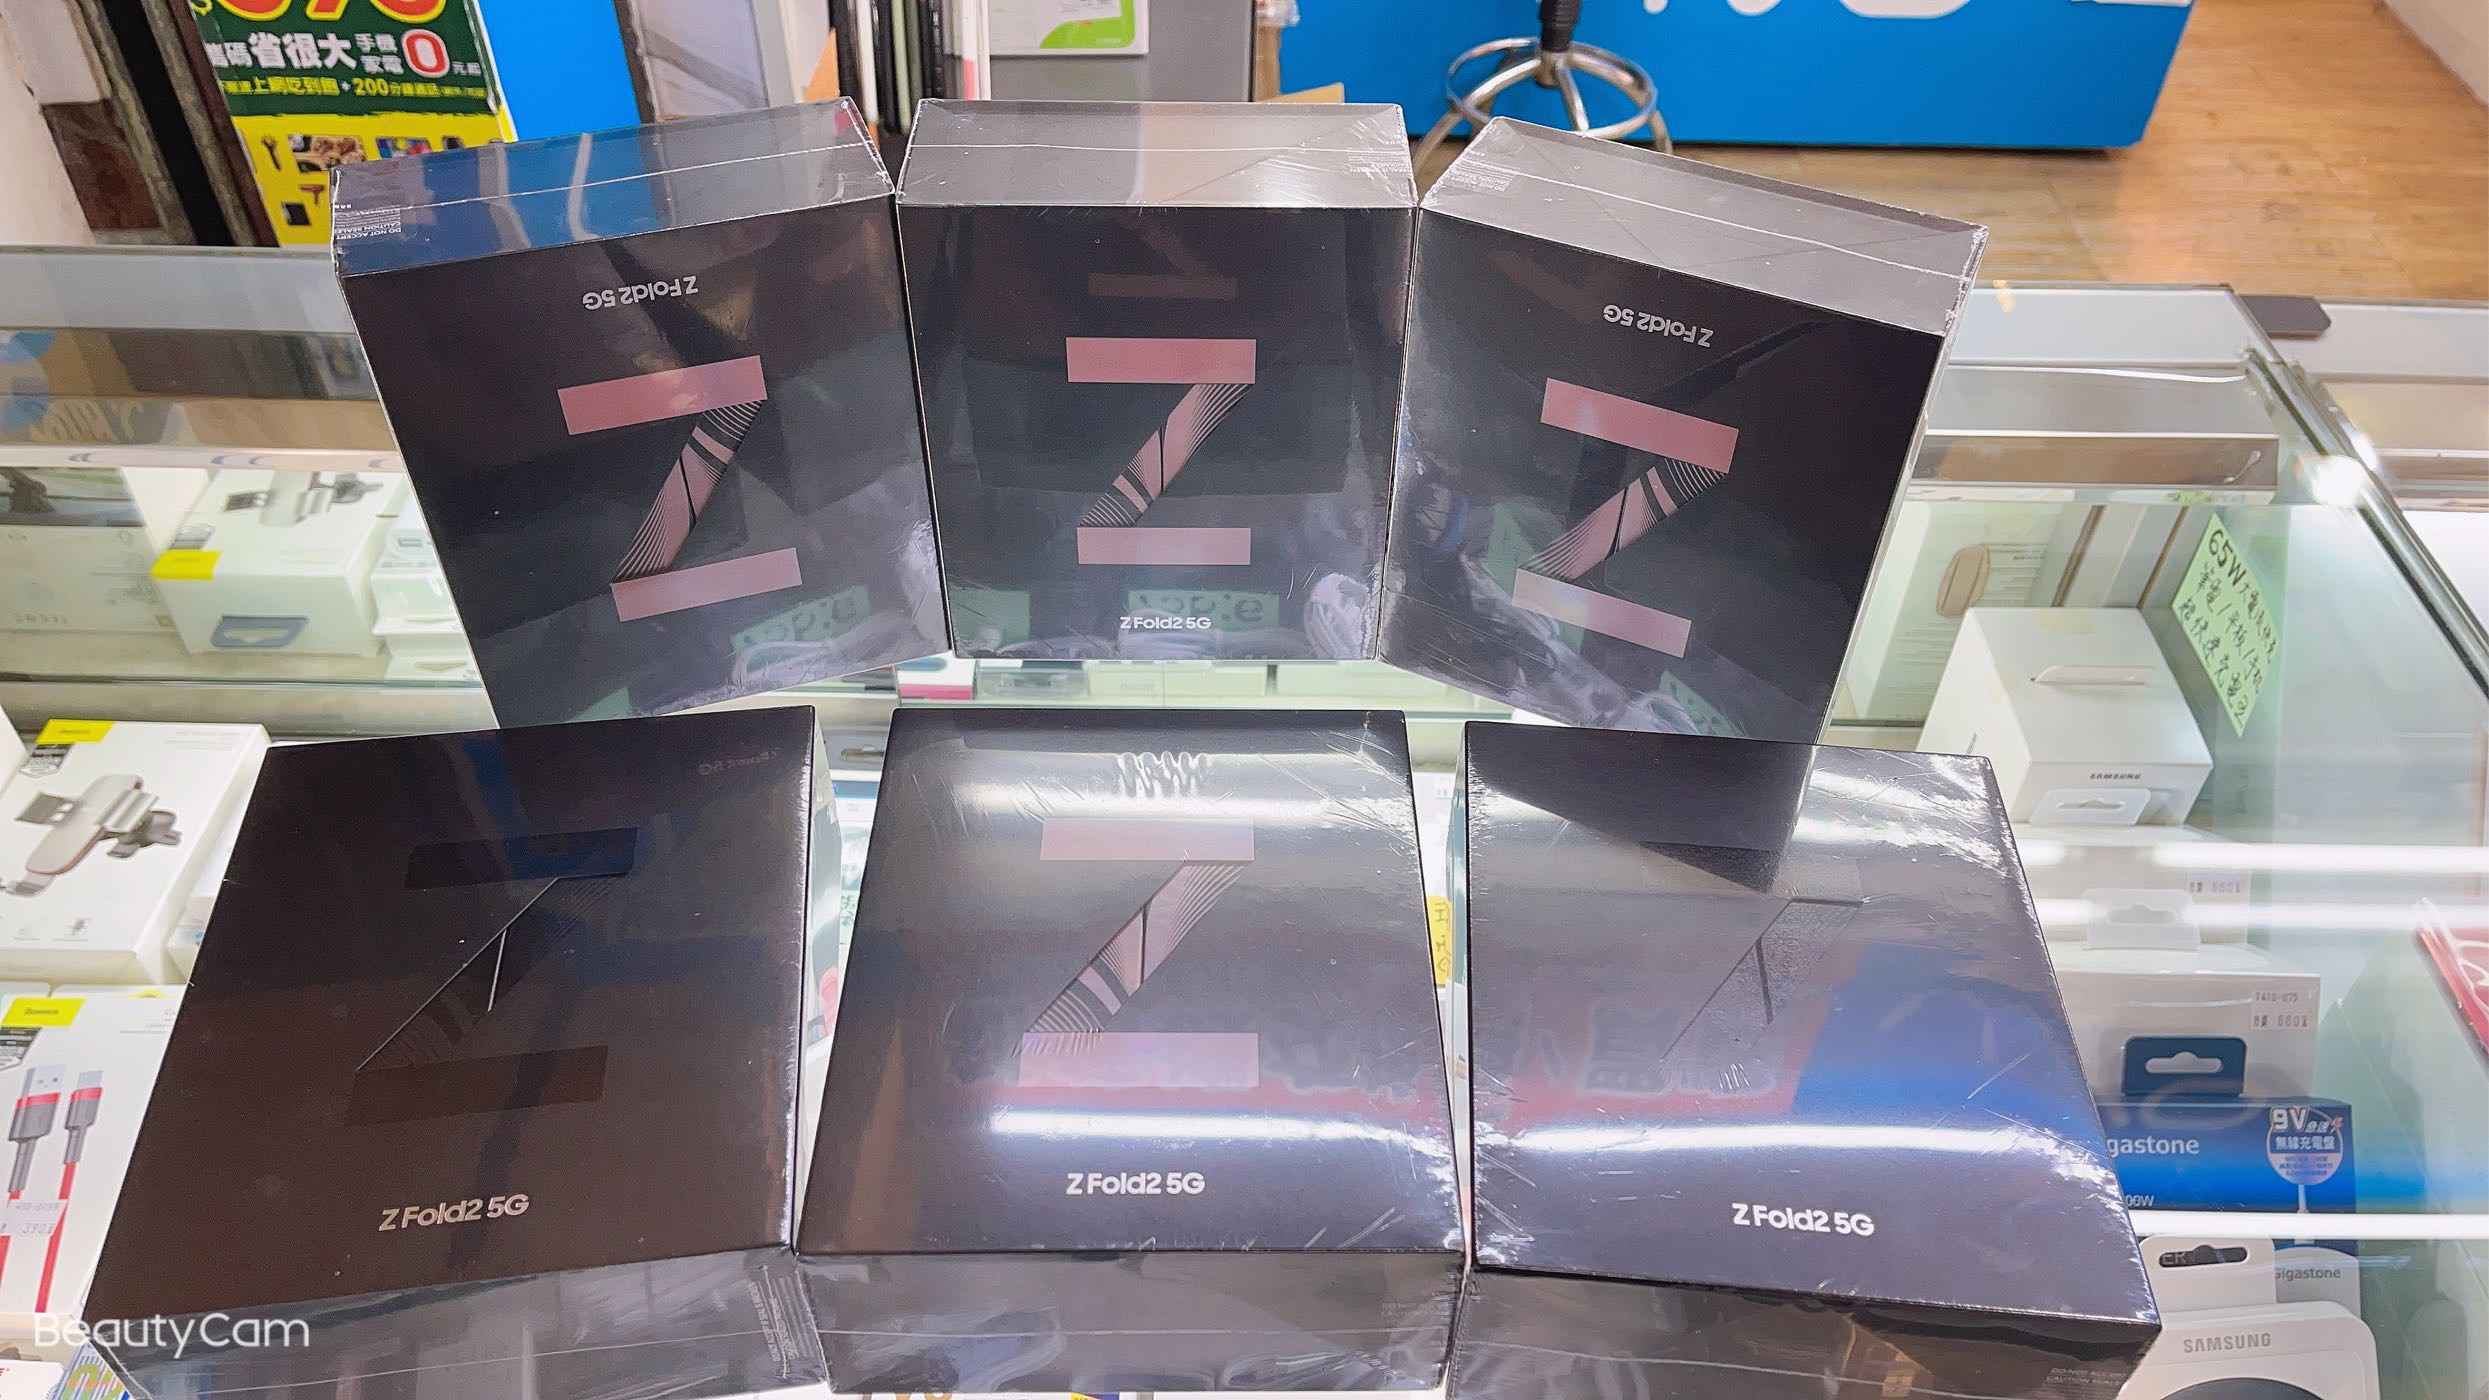 全新未拆 三星 SamSung Z Fold2 12+256 折疊機 折疊手機 金色 黑色 12/256 旗艦機 大螢幕 2代折疊機 另有Z Flip